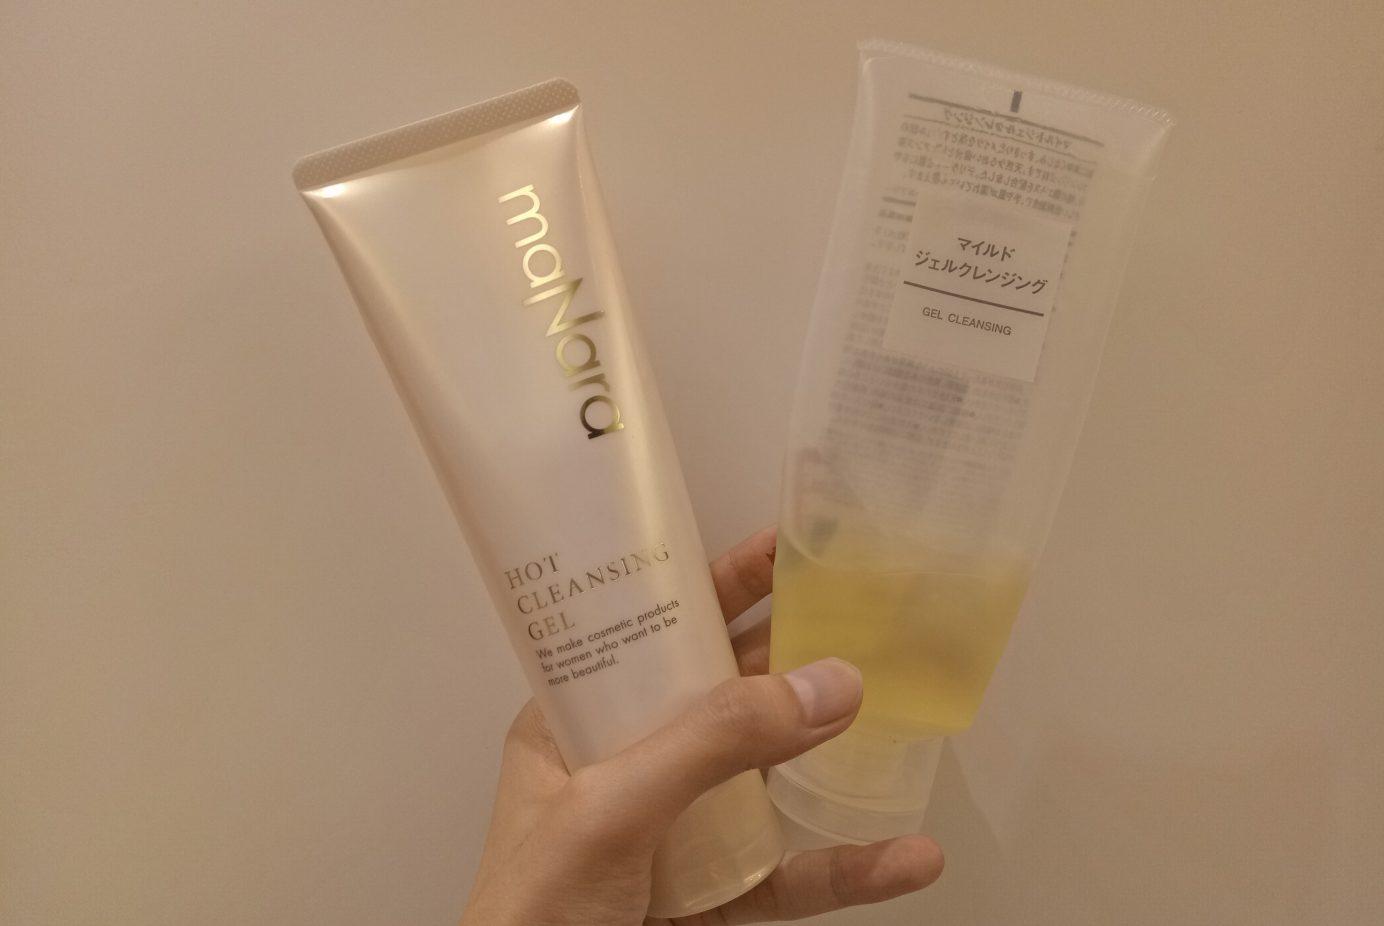 【實證+打臉全紀錄】網紅卸妝品maNara與美保版無印良品卸妝露卸妝力測給你看!